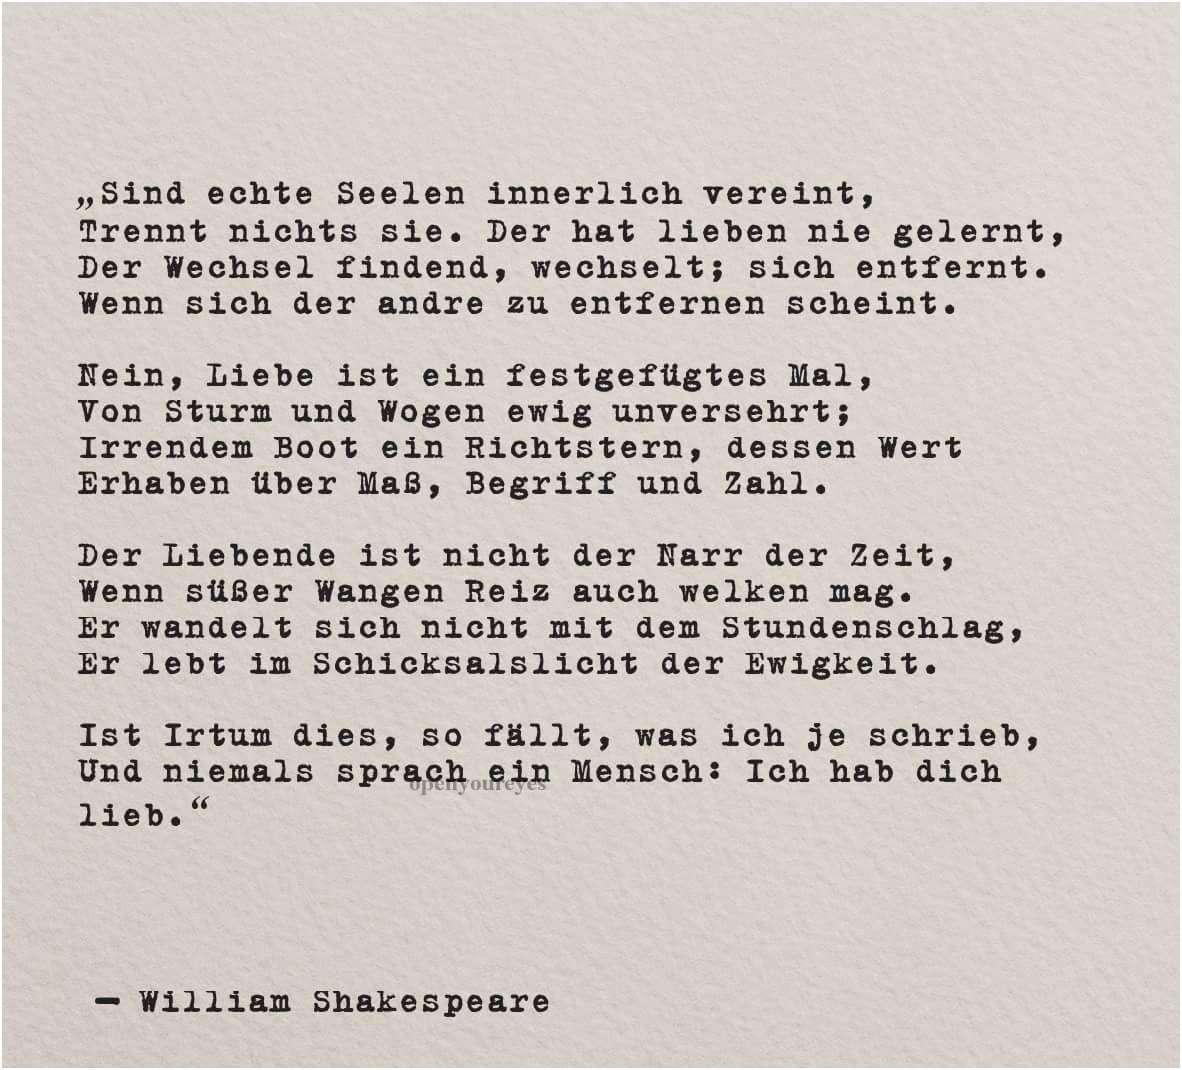 William Shakespeare Romeo Und Julia Zitate Image Collections William Shakespeare Romeo Und Julia Zitate Choice